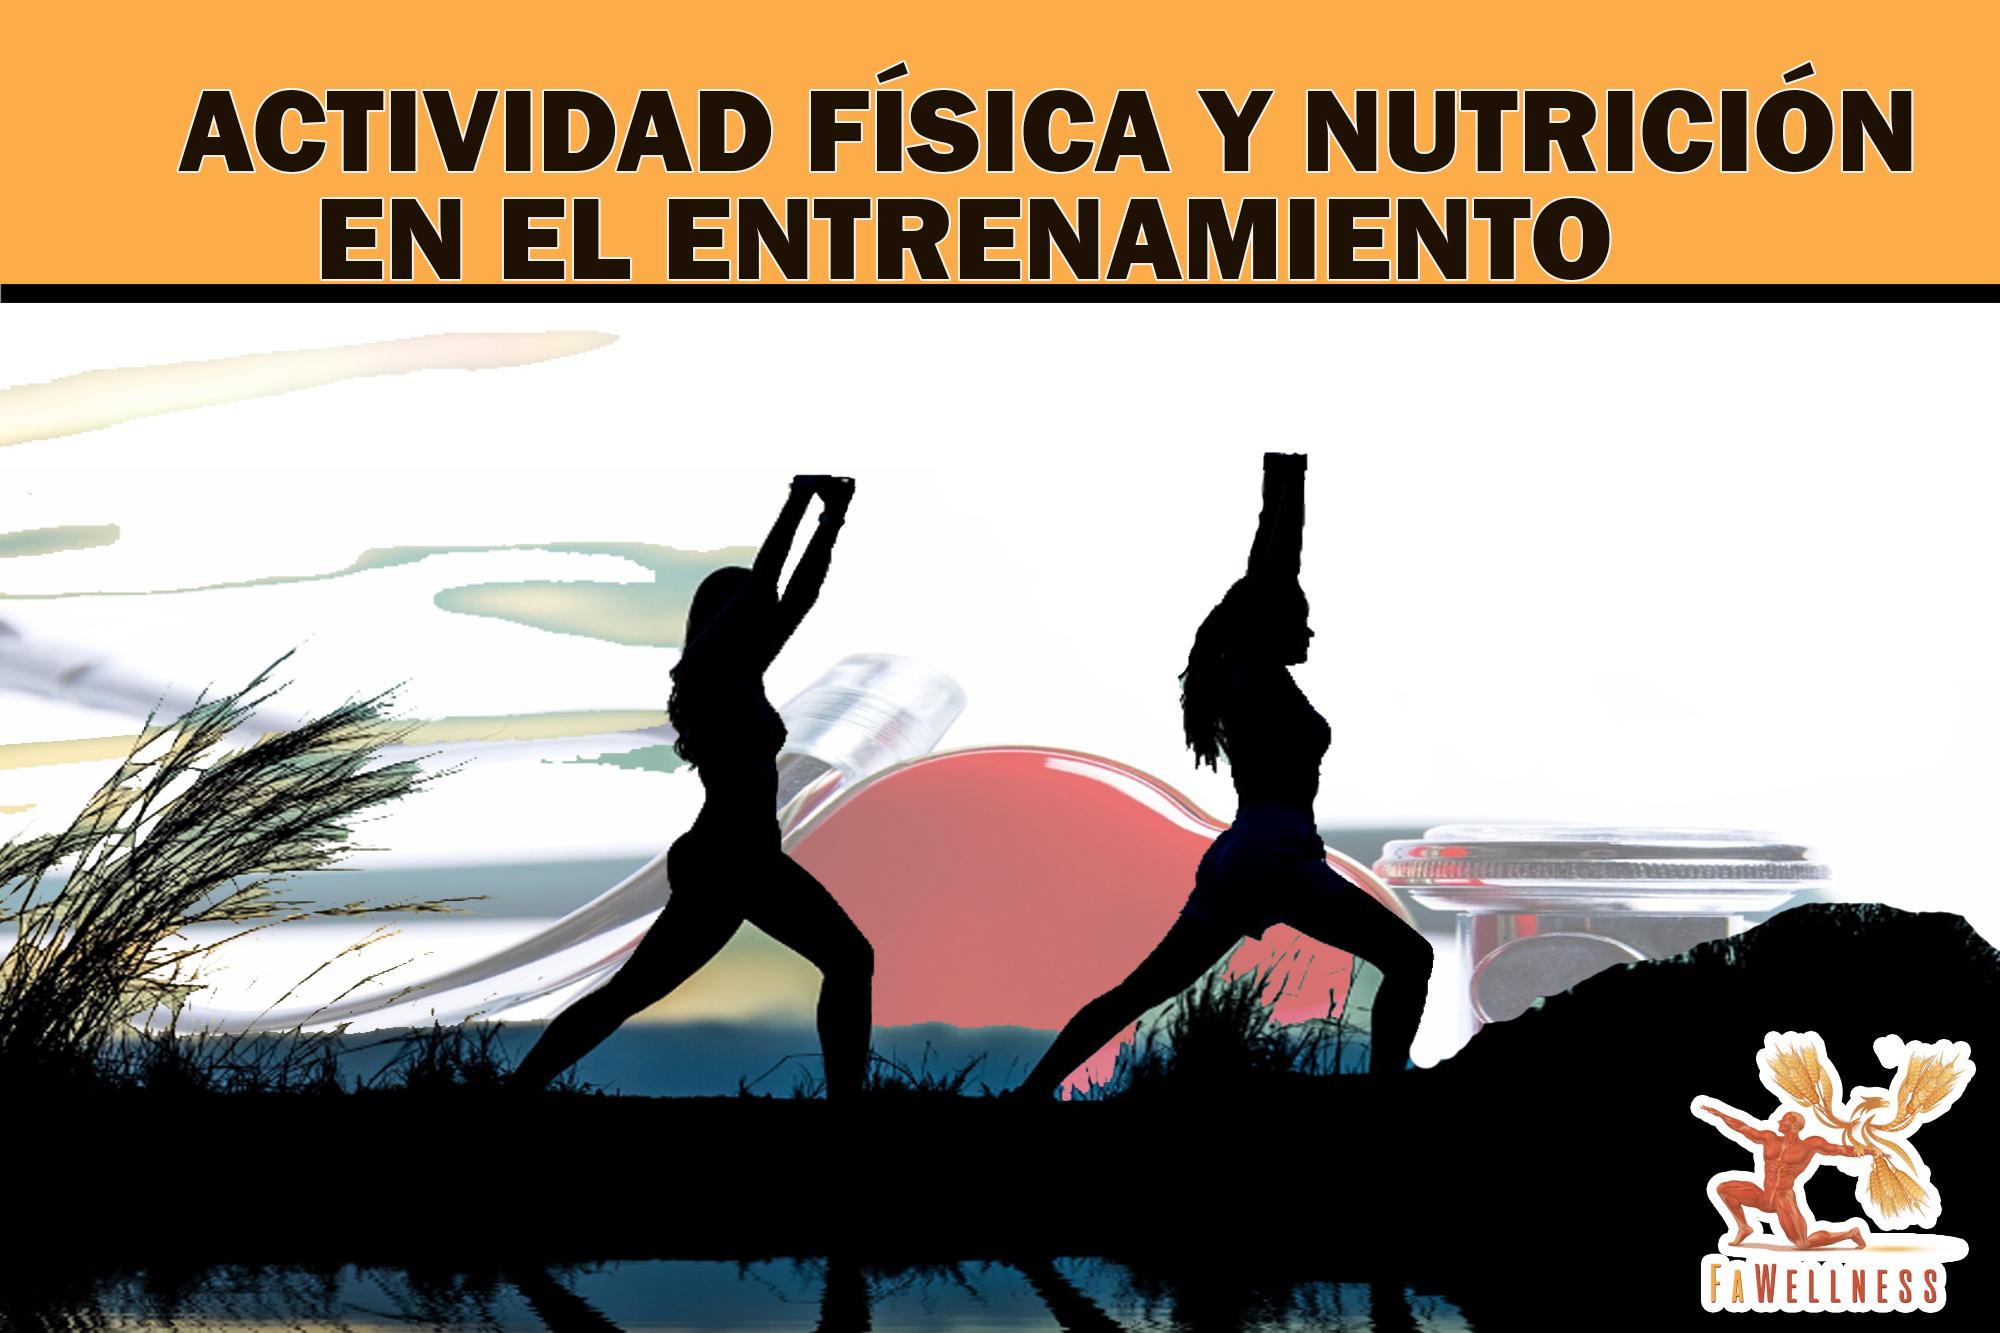 imagen blog FaWellness | VENTAJAS DE LA ACTIVIDAD FÍSICA Y QUÉ PAPEL JUEGA LA NUTRICIÓN EN LOS PROGRAMAS DE ENTRENAMIENTO